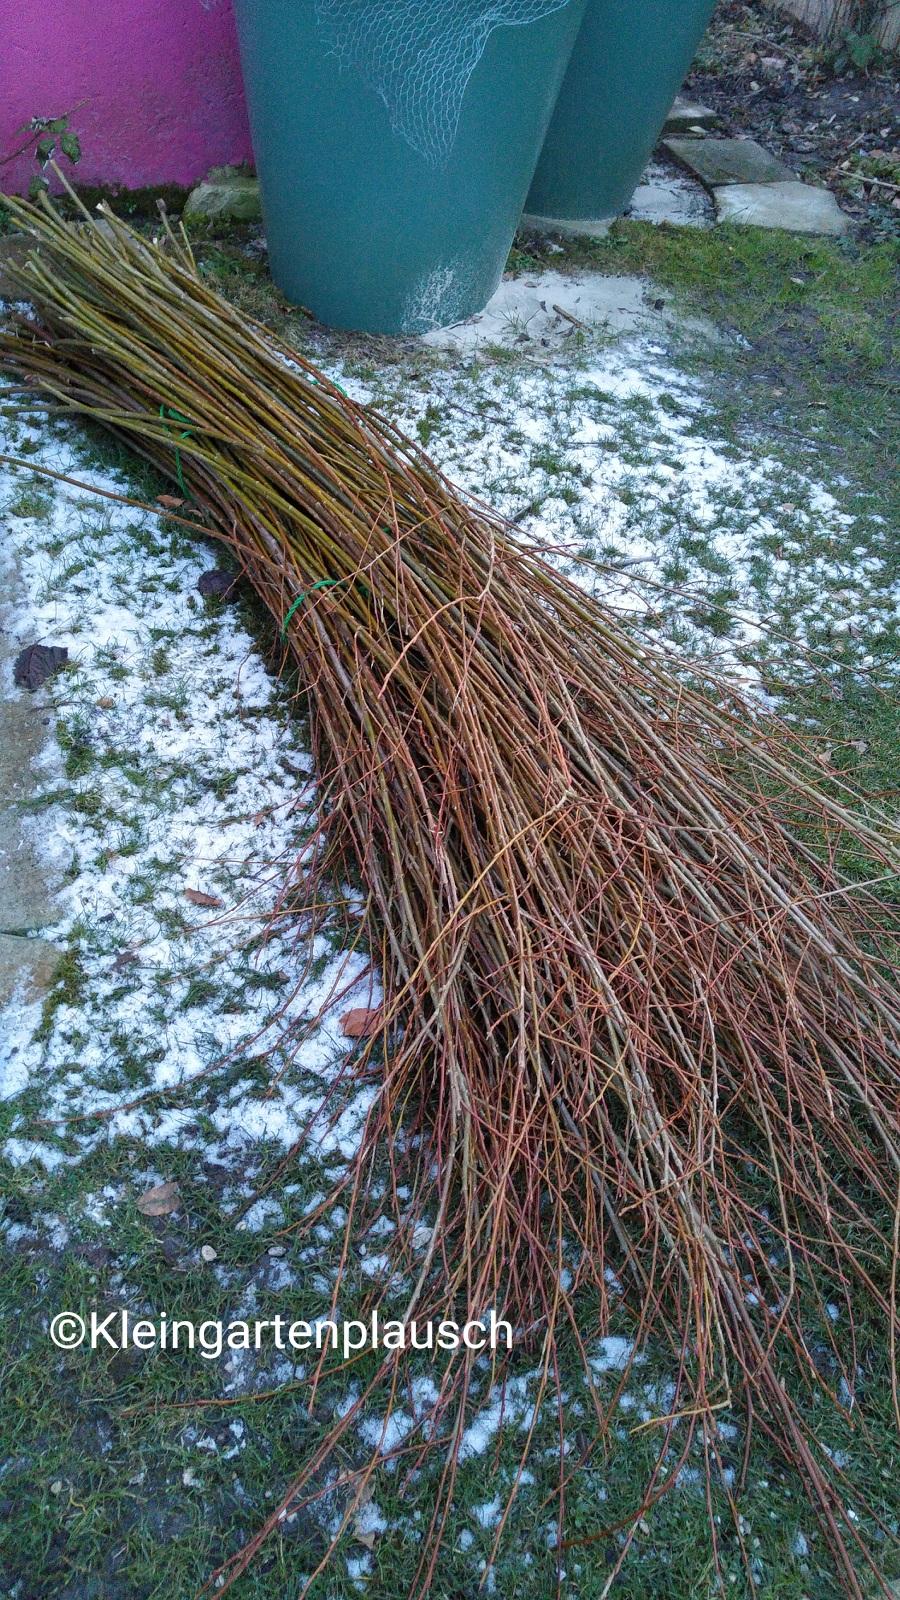 Ein großes Bündel Weidenruten liegt auf dem Rasen